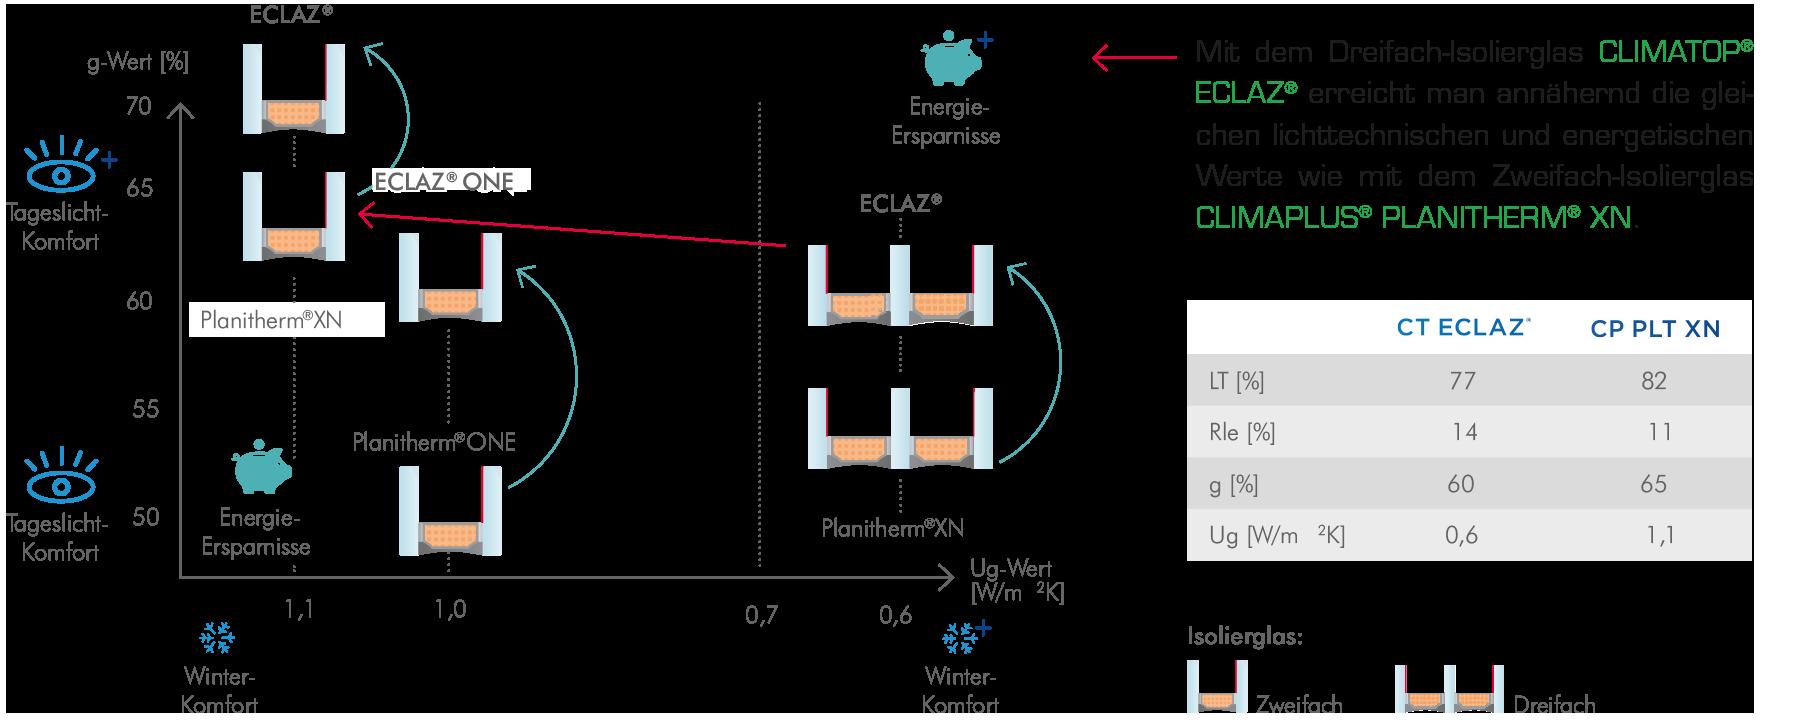 Eclaz Darstellung Energieeffizienz Einer Dreifachverglasung Mit Dem Tageslichtkomfort Einer Doppelverglasung